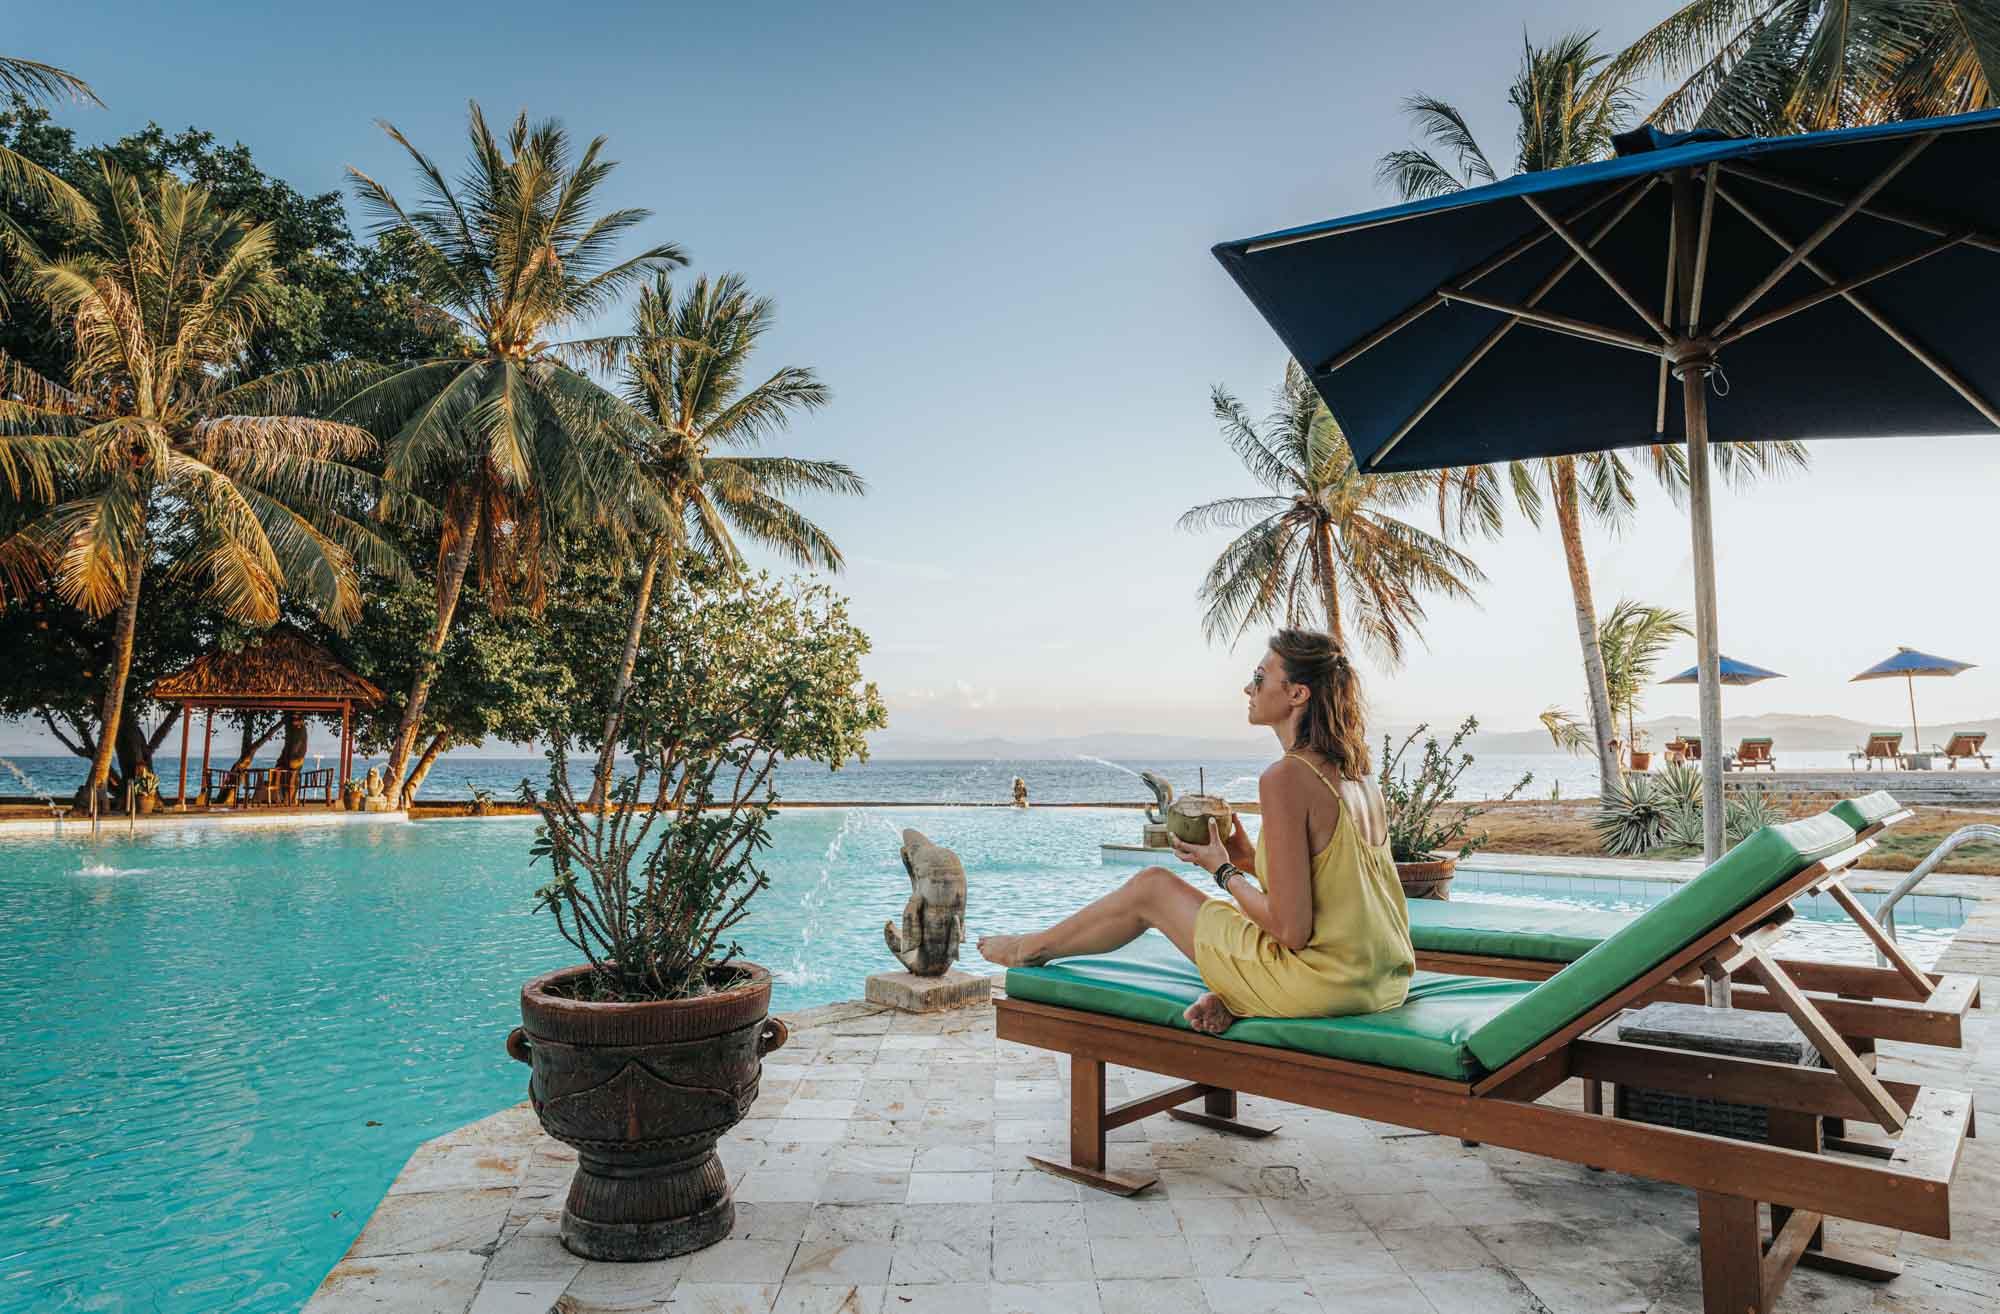 Pool at the Gangga Island Resort & Spa